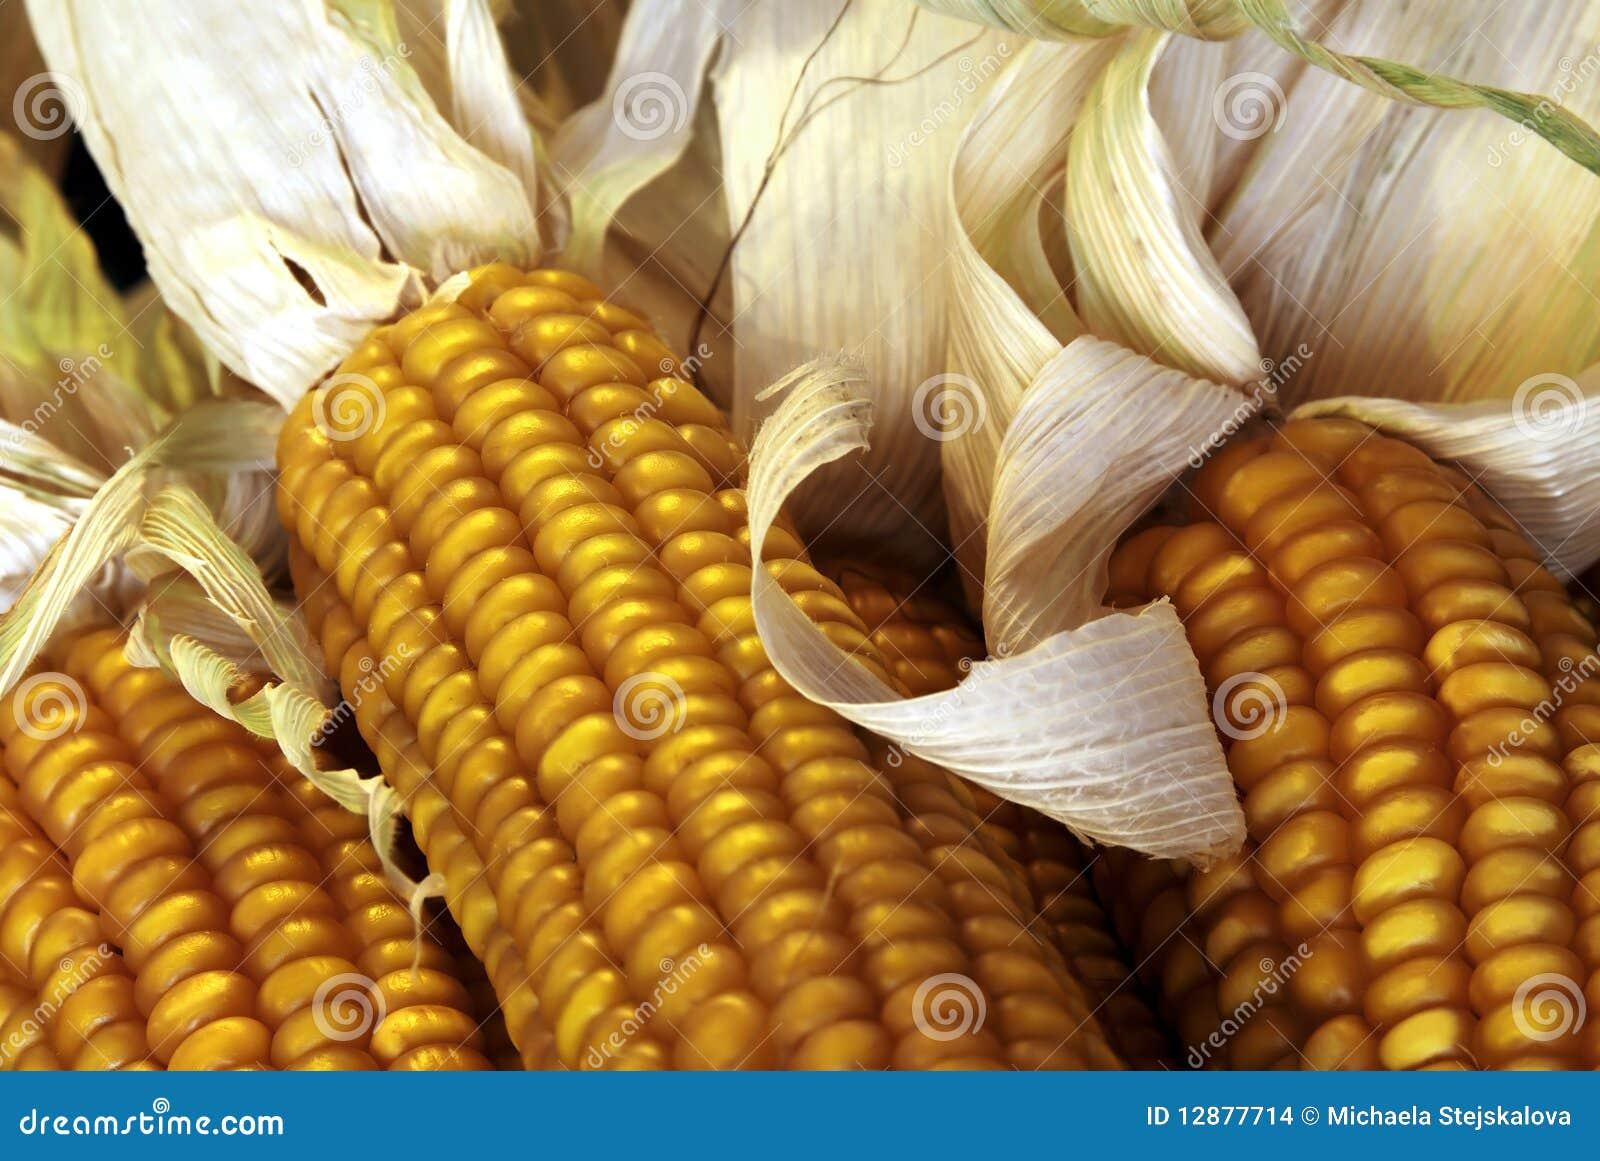 Fermez-vous vers le haut des épis de maïs